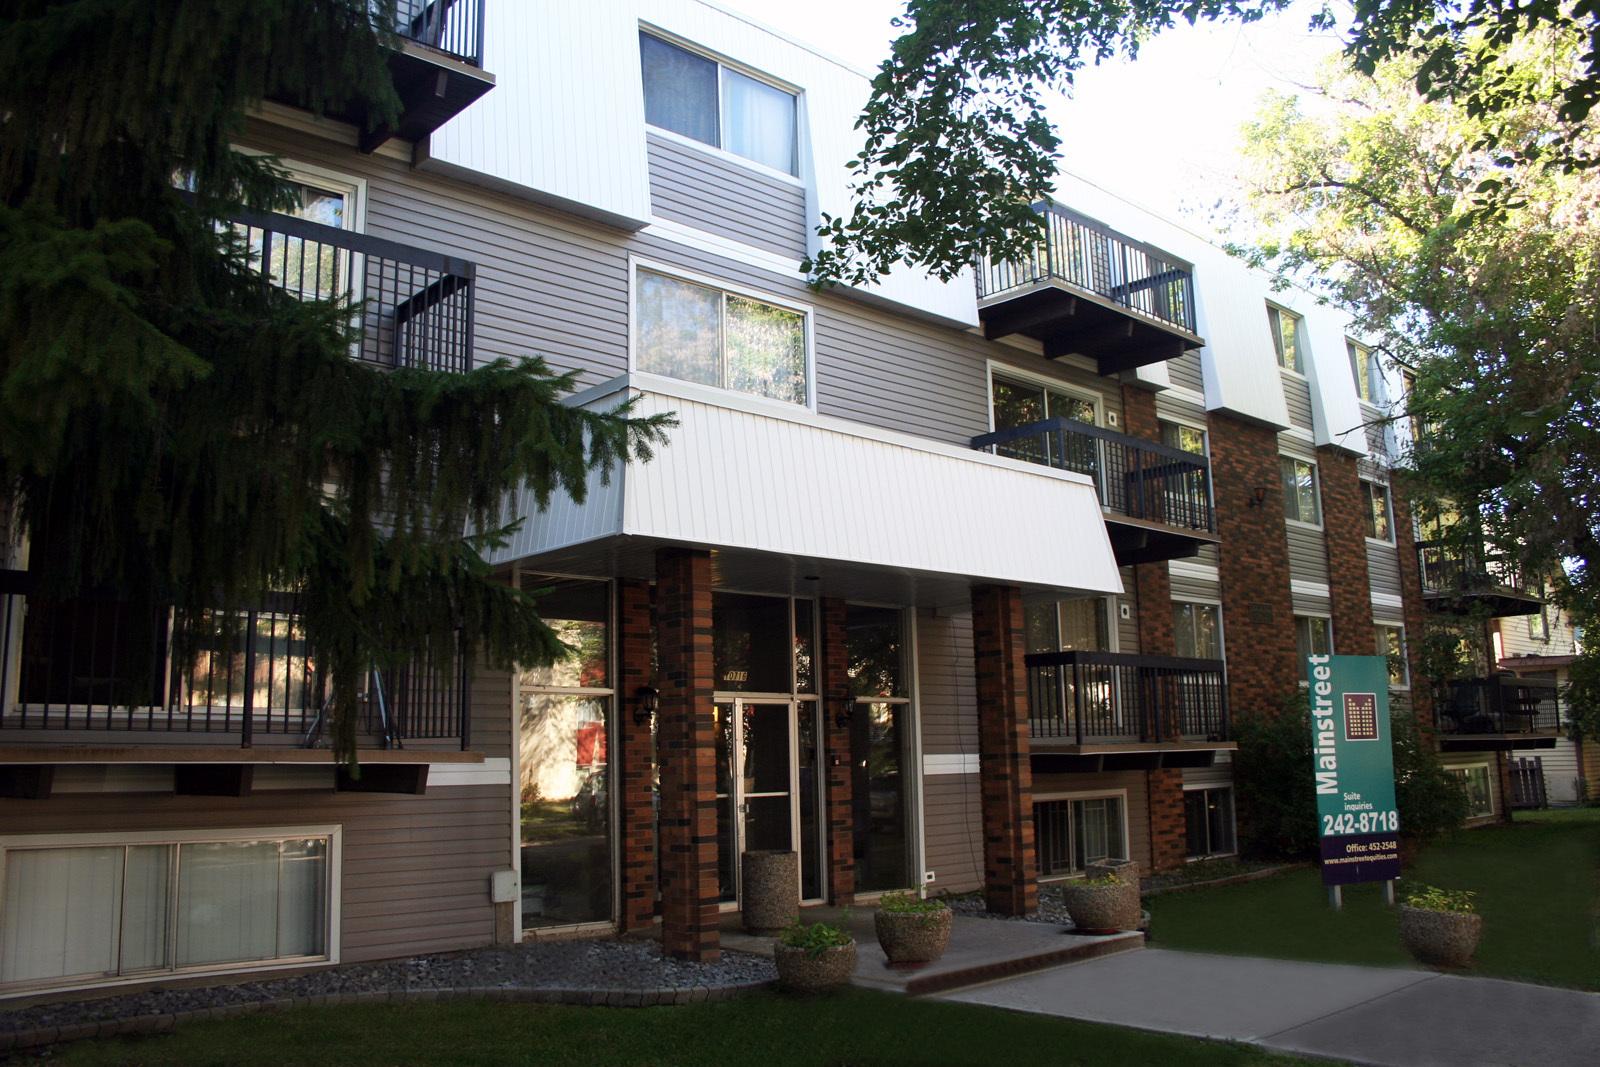 10716 107 Street NW, Edmonton, AB - $9,009